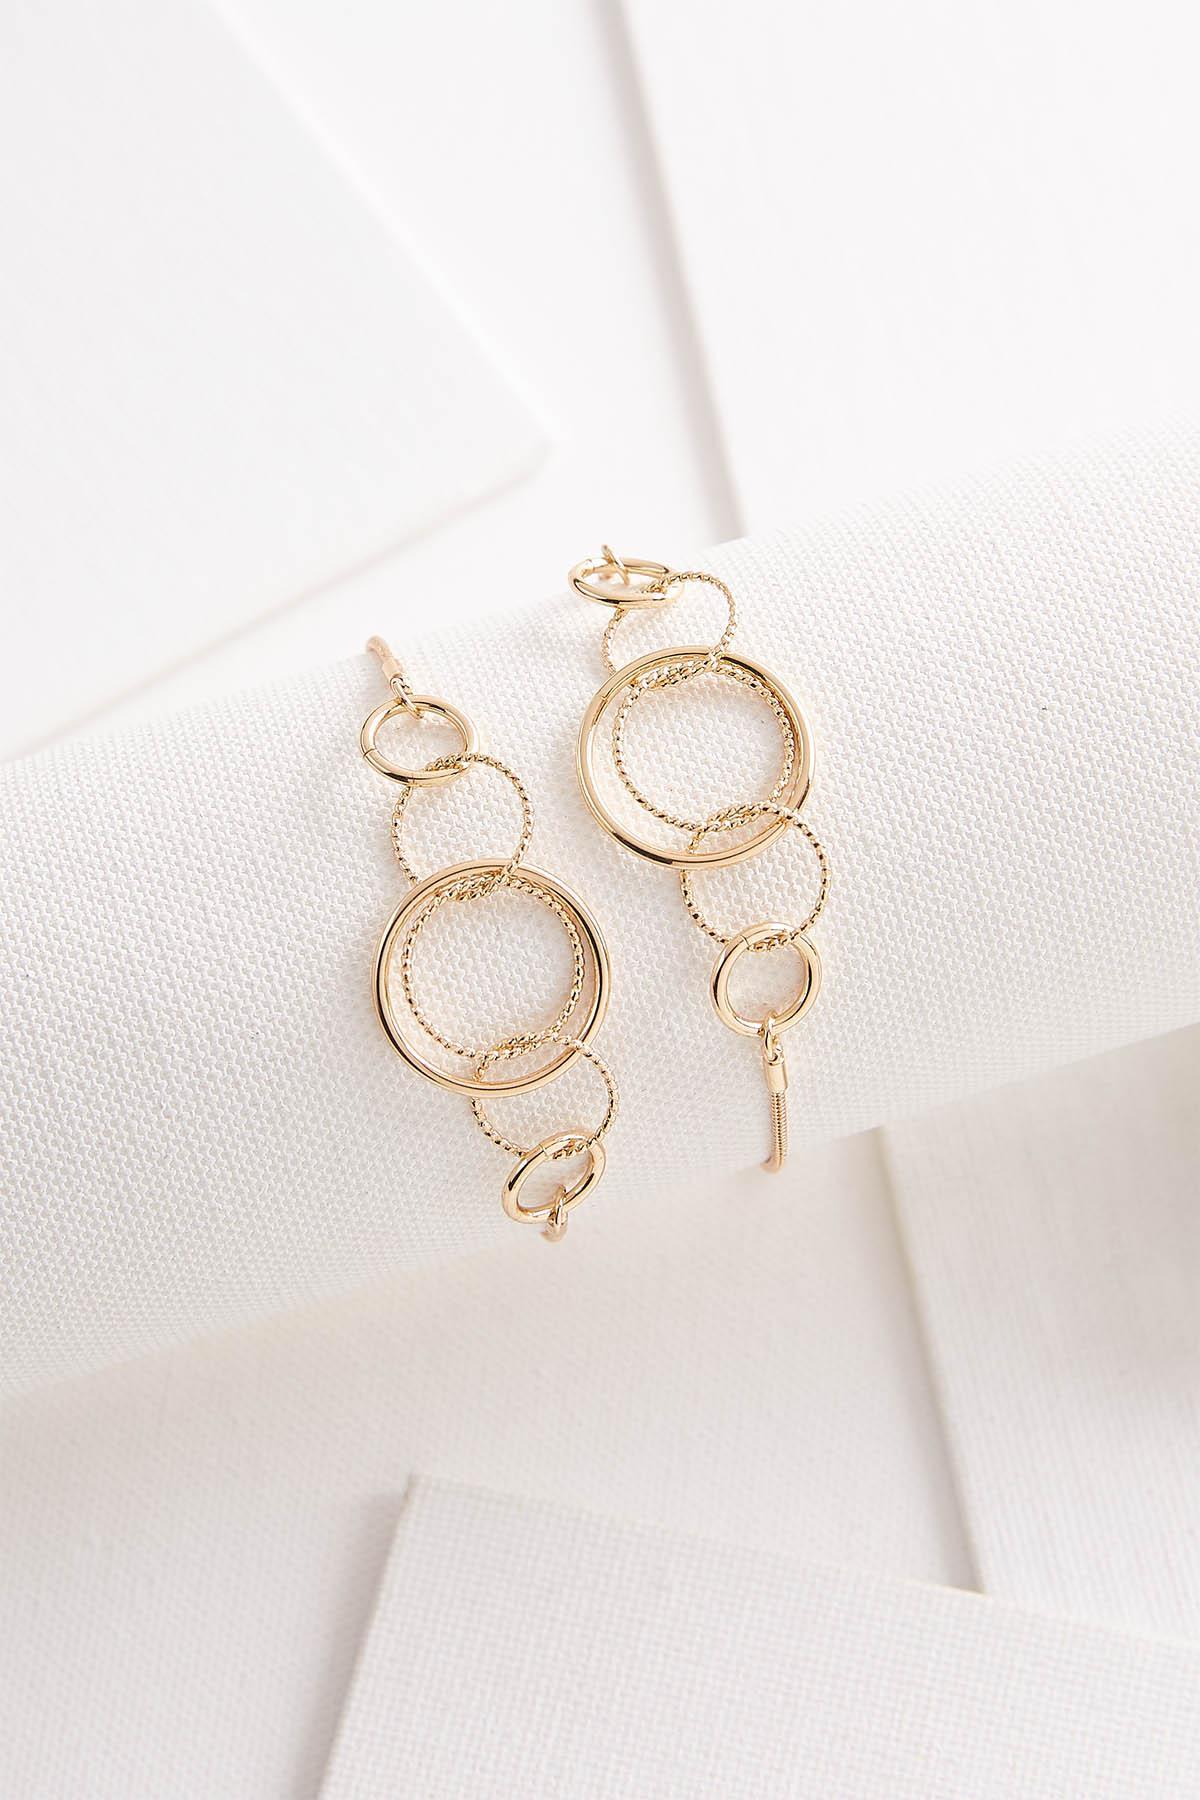 Open Ring Pull- String Bracelet